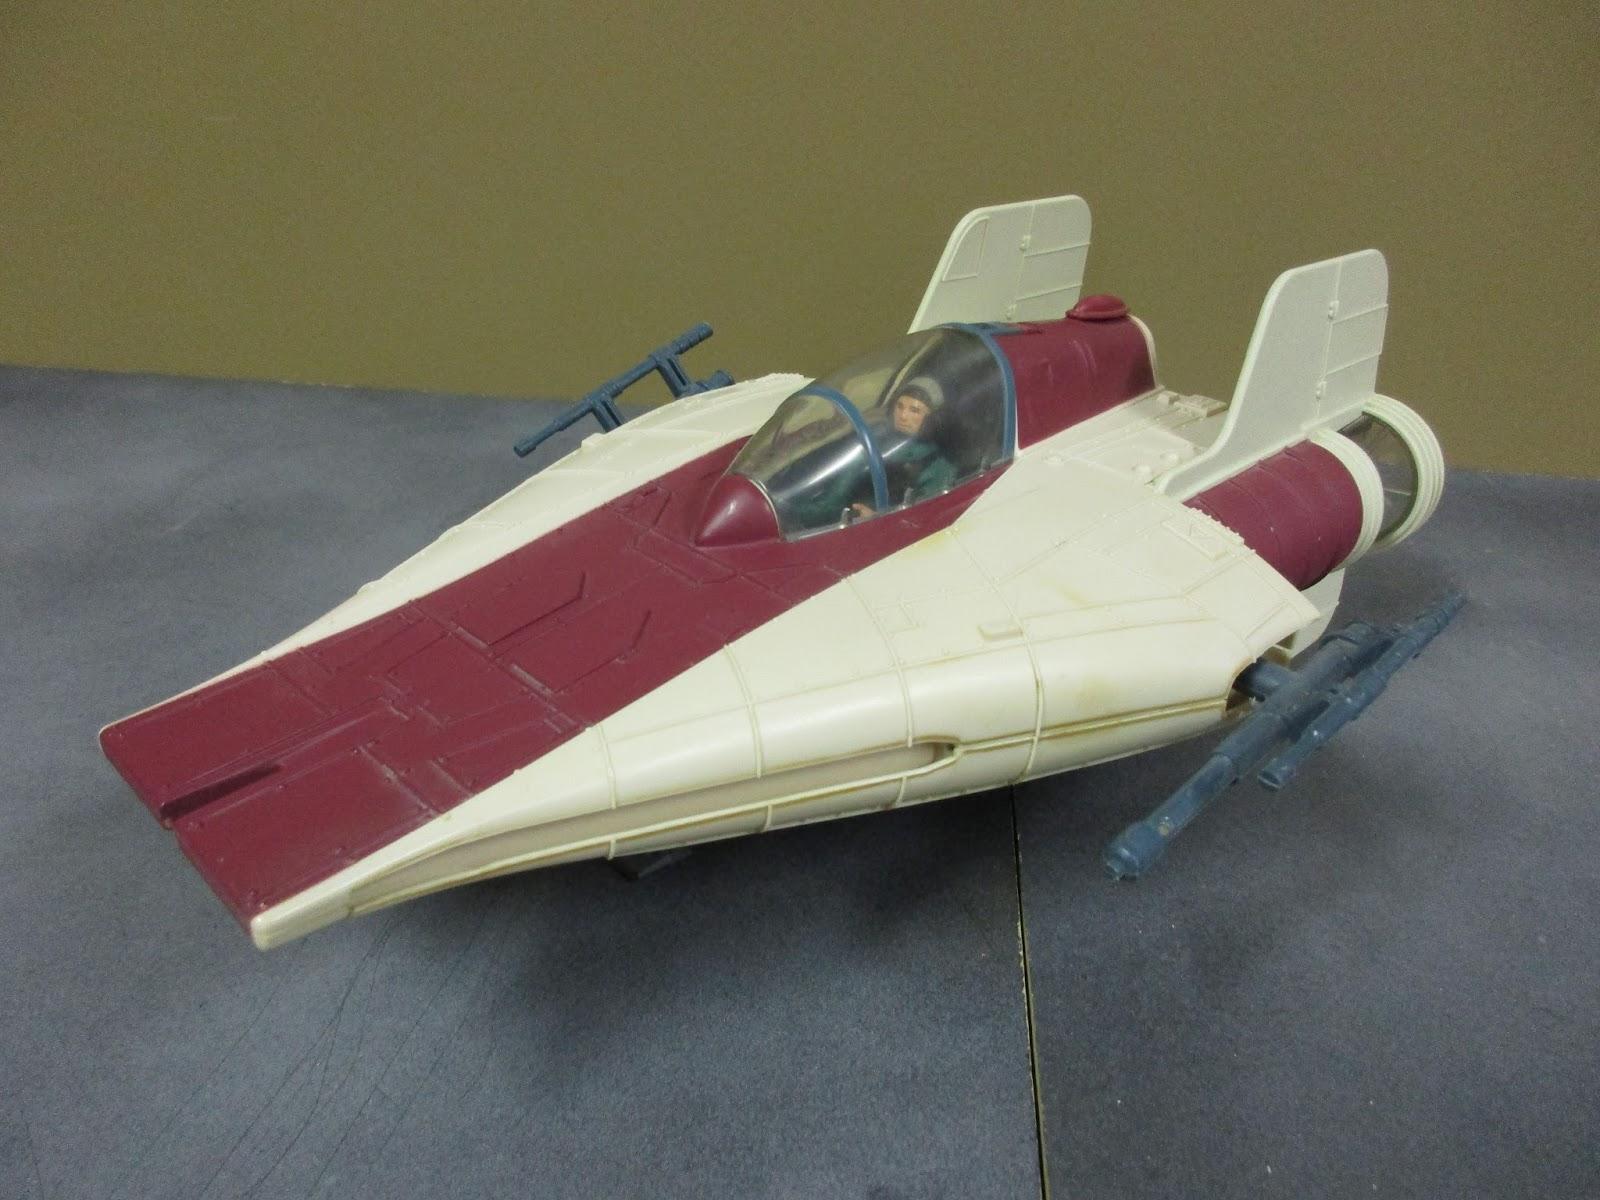 vintage kenner star wars toys a wing fighter vehicle. Black Bedroom Furniture Sets. Home Design Ideas